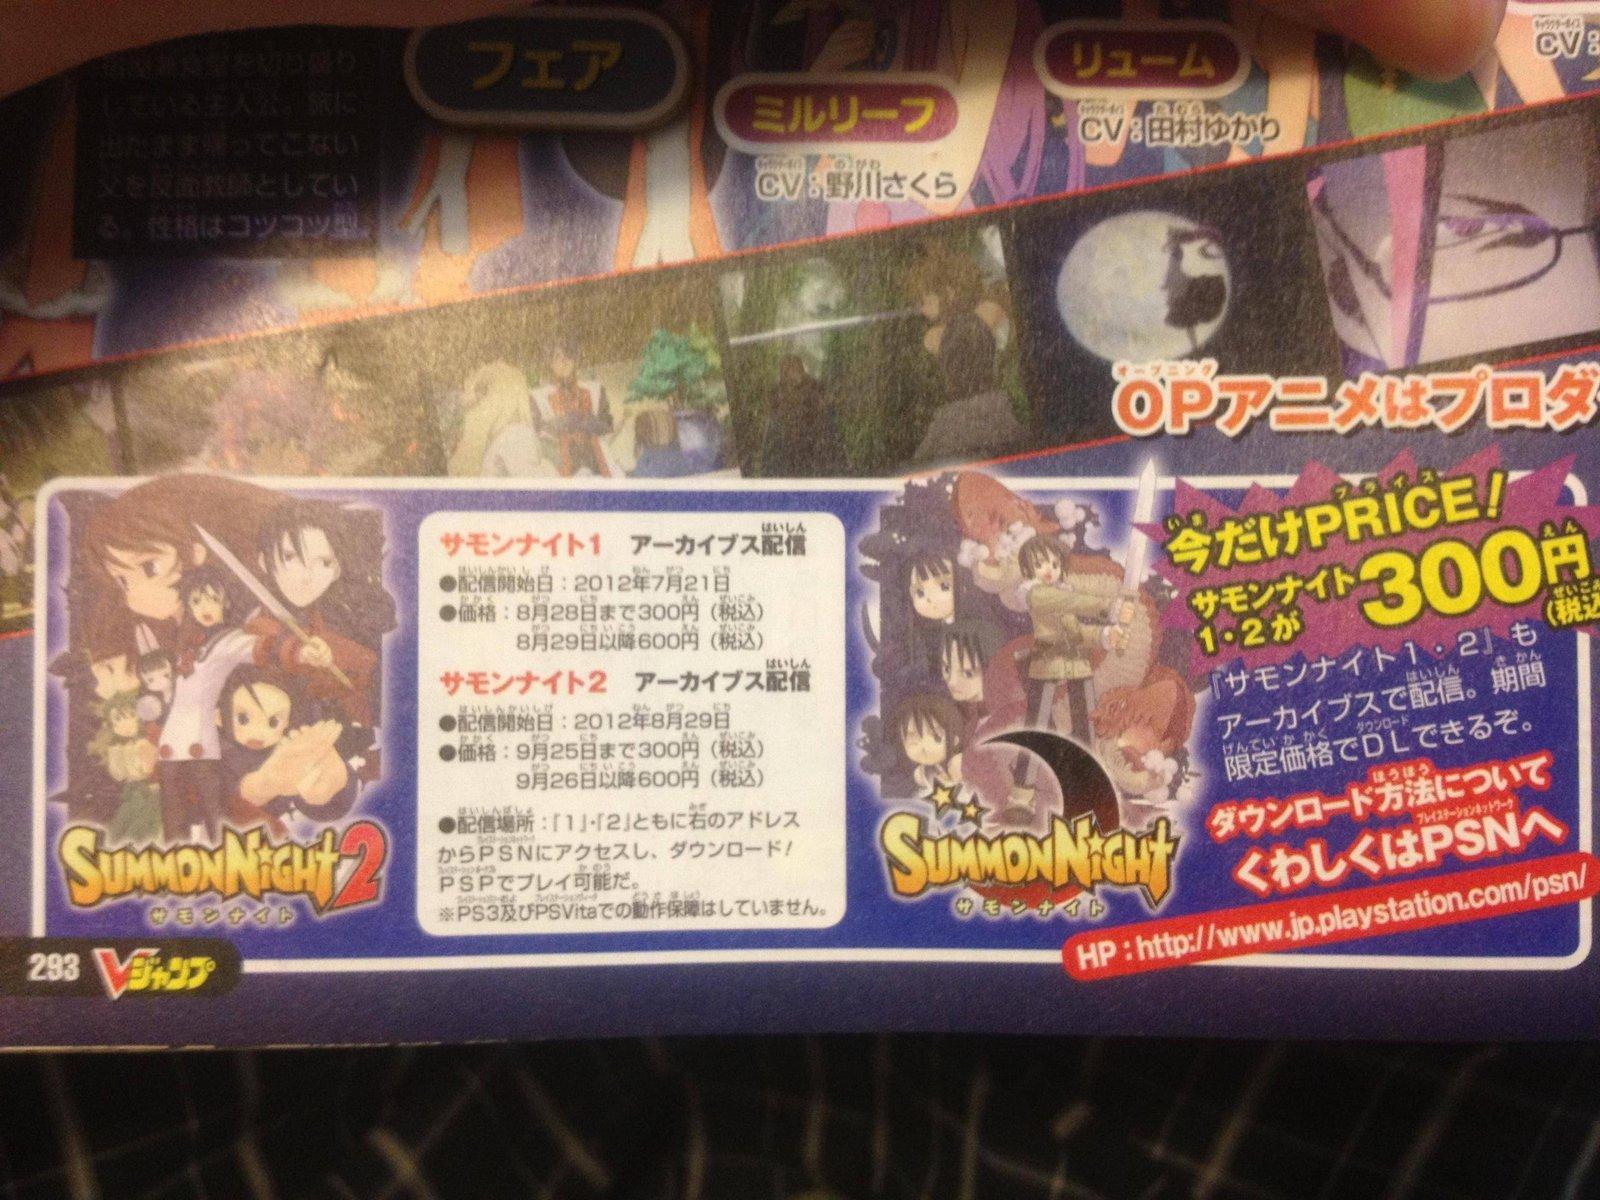 http://blog-imgs-45.fc2.com/a/n/k/ankosokuho/6d091d34.jpg